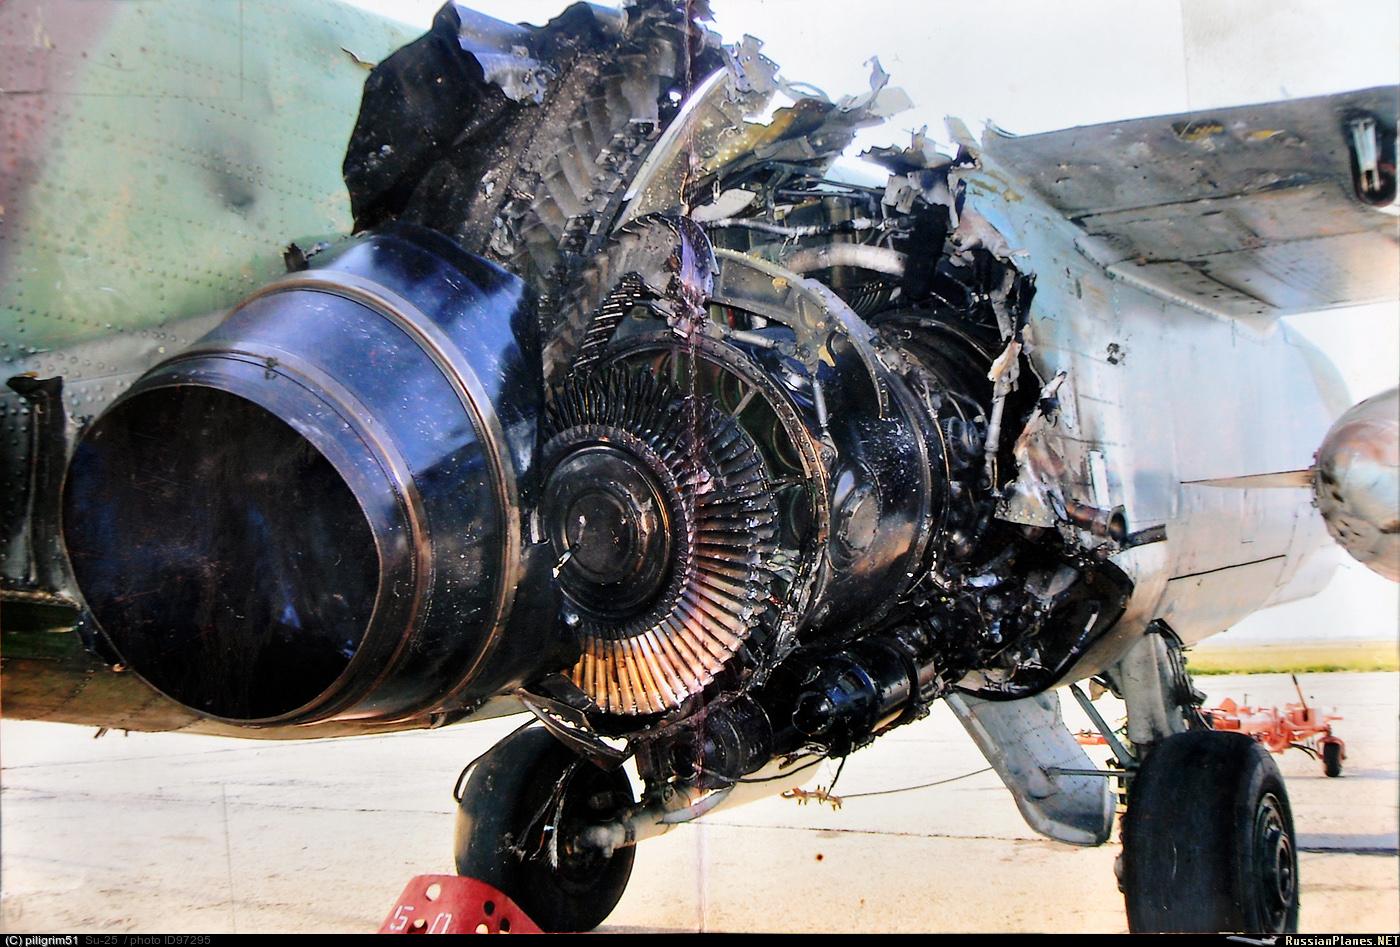 El dato secreto de la visita de Temer: 24 aviones Super Tucano - Página 3 097295